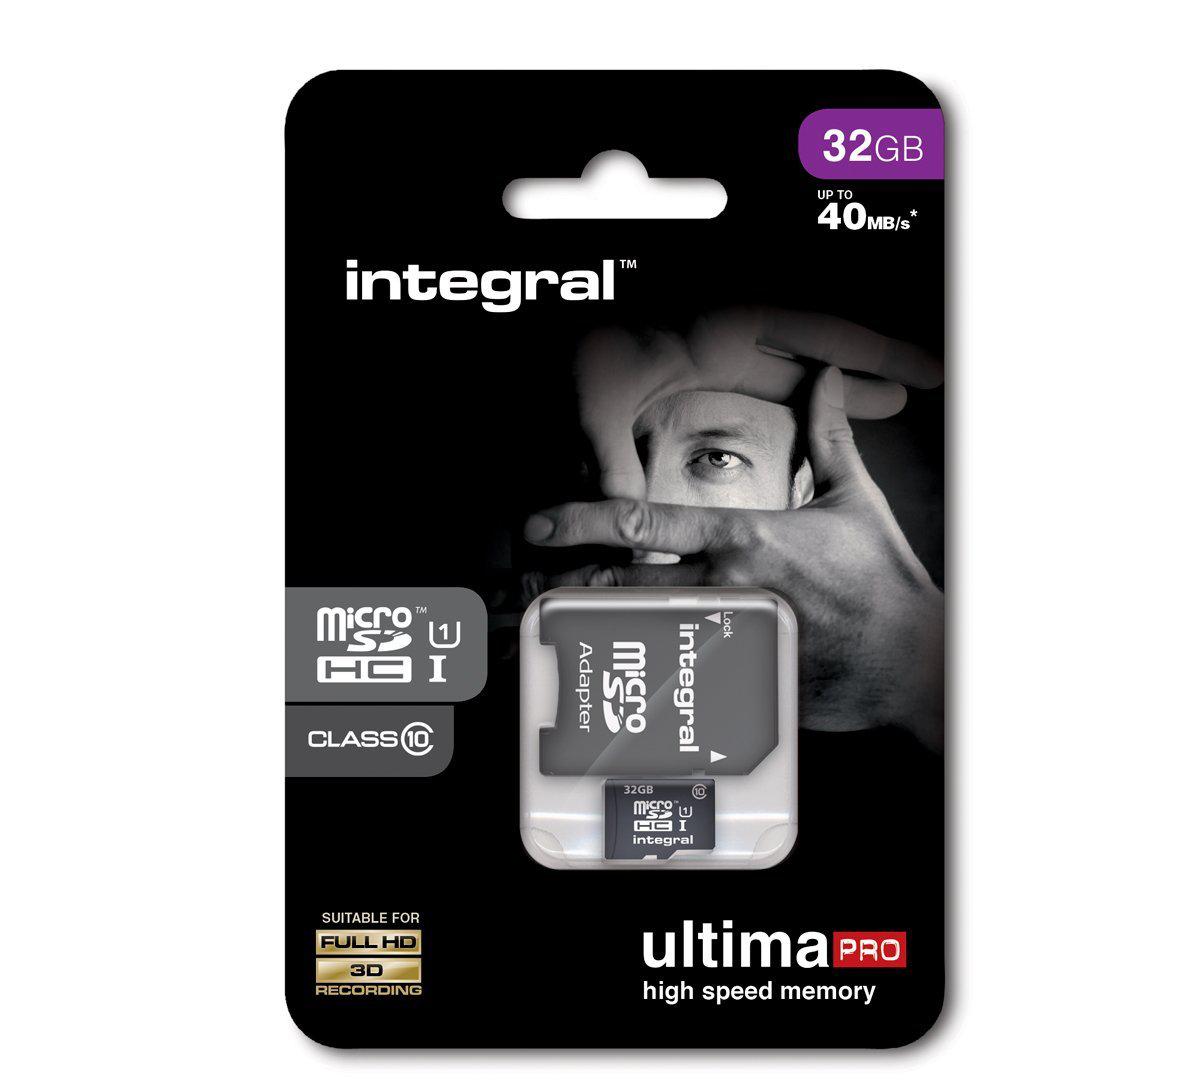 Carte MicroSDHC Integral UltimaPro 32Go Classe 10 (40 MB/s) + Adaptateur SD